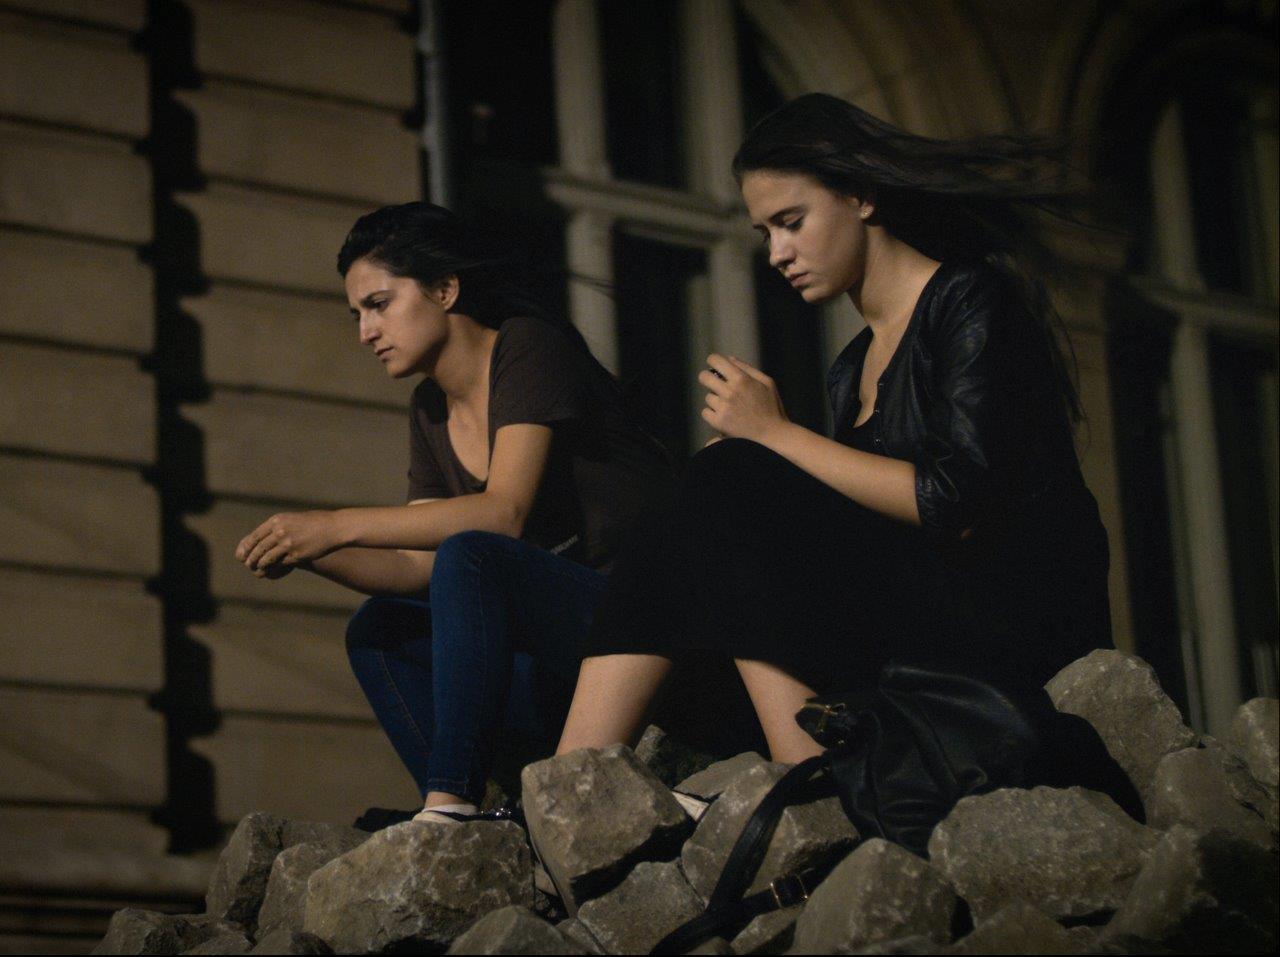 """Sonja (Maria Bakalova) and Lora (Ralitsa Stoyanova) in """"Women Do Cry"""""""